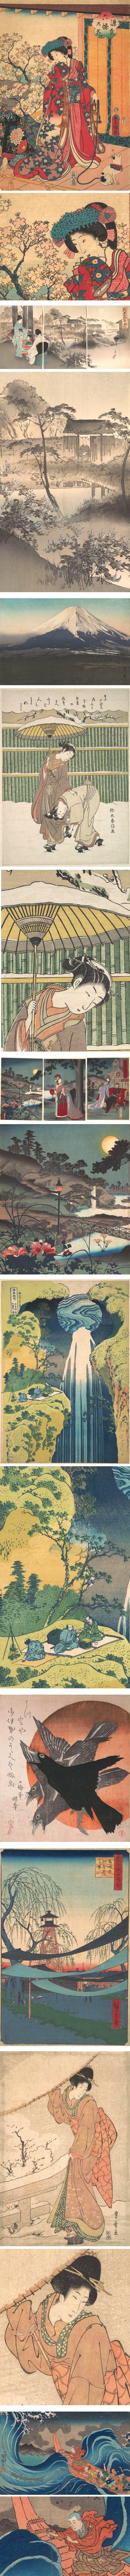 Japanese prints from the Met via Ukiyo-e Search: Utagawa Kunisada, Ogata Gekko, Yoshida Hiroshi, Suzuki Harunobu, Toyohara Chikanobu, Katsushika Hokusai, Totoya Hokkei, Utagawa Hiroshige, Utagawa Toyohiro, Utagawa Kuniyoshi